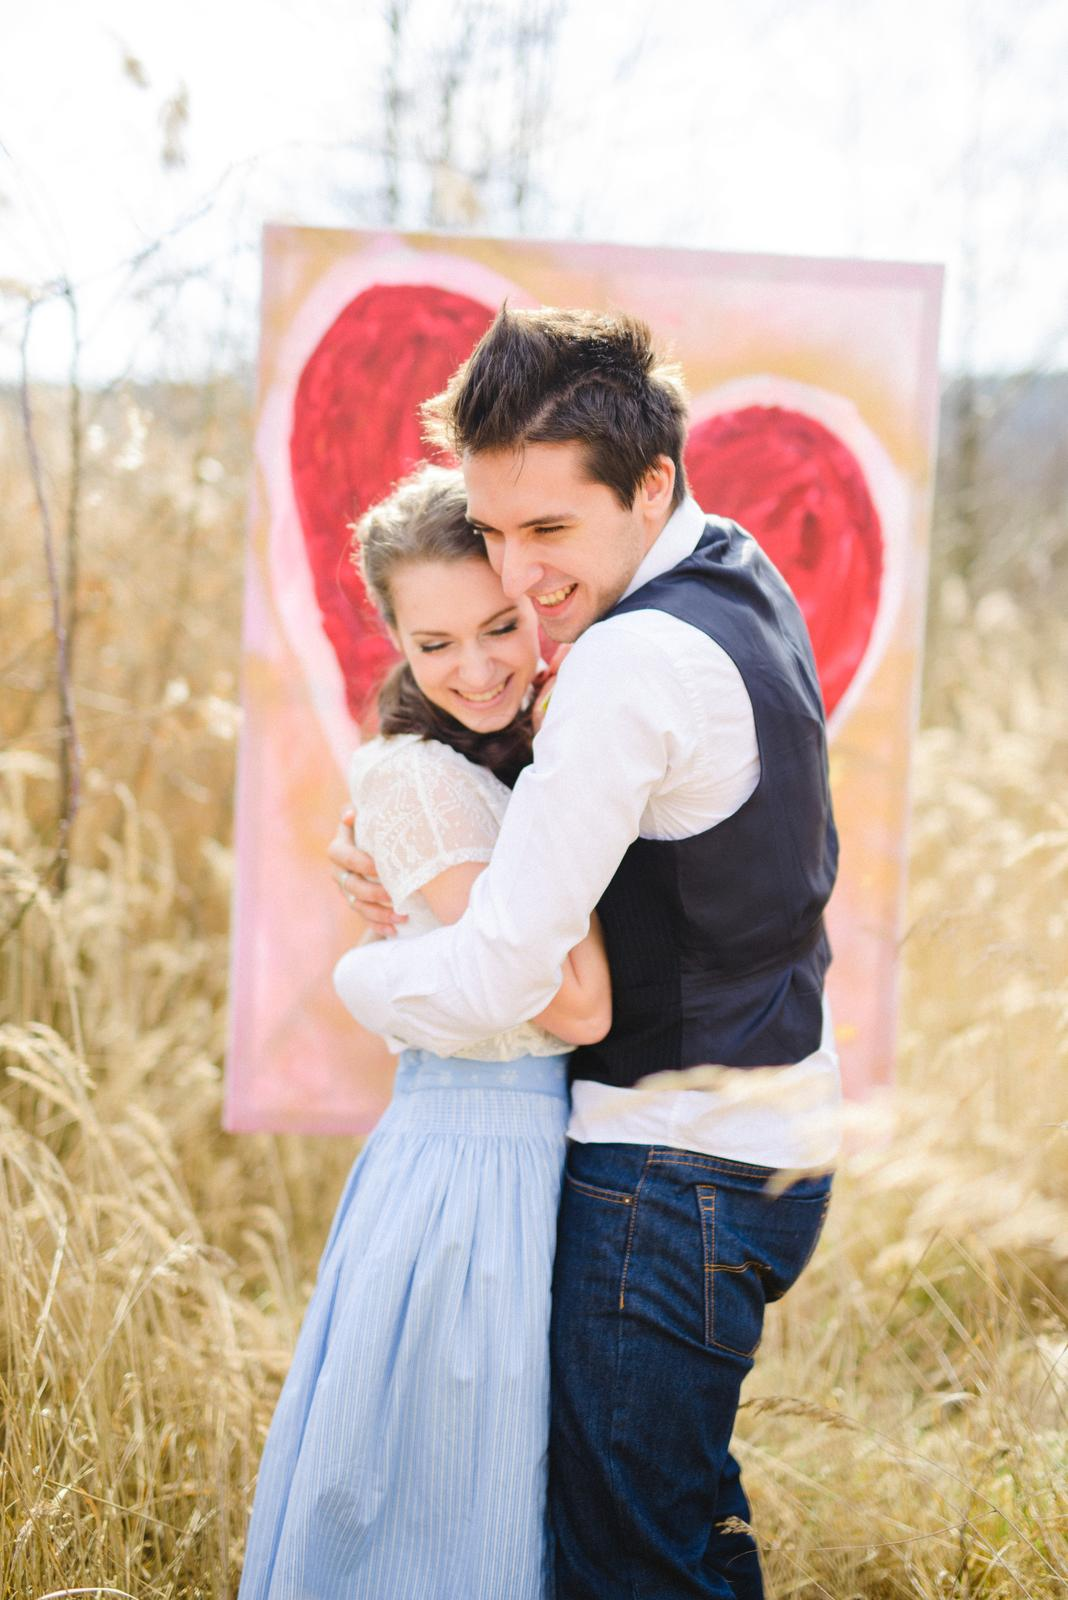 Jarné rande foto - moja srdcová záležitosť a hobby :) - Obrázok č. 30